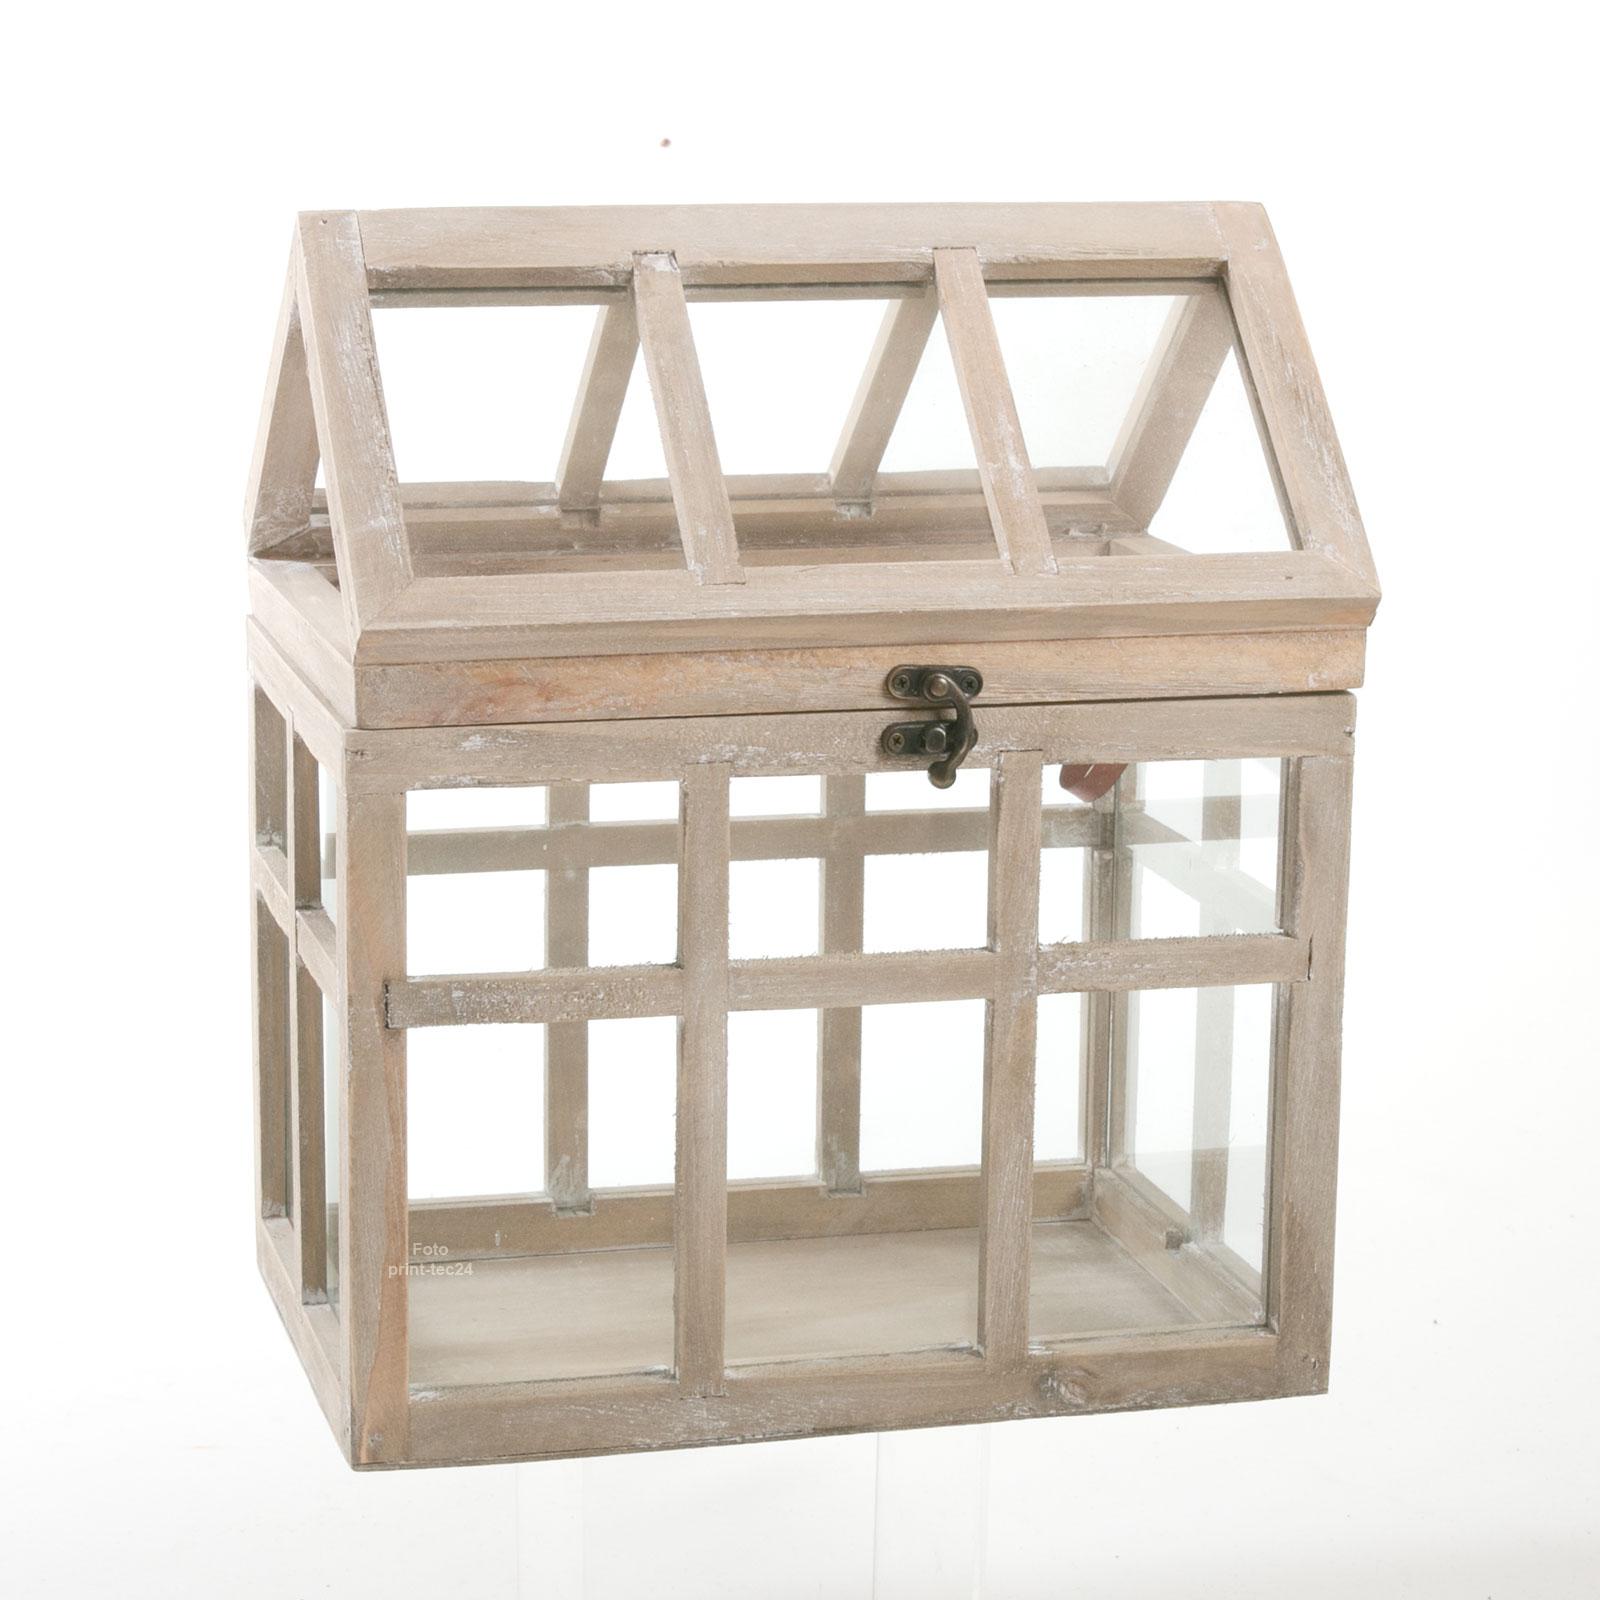 mini gew chshaus braun holz glas ziehkasten windlicht. Black Bedroom Furniture Sets. Home Design Ideas